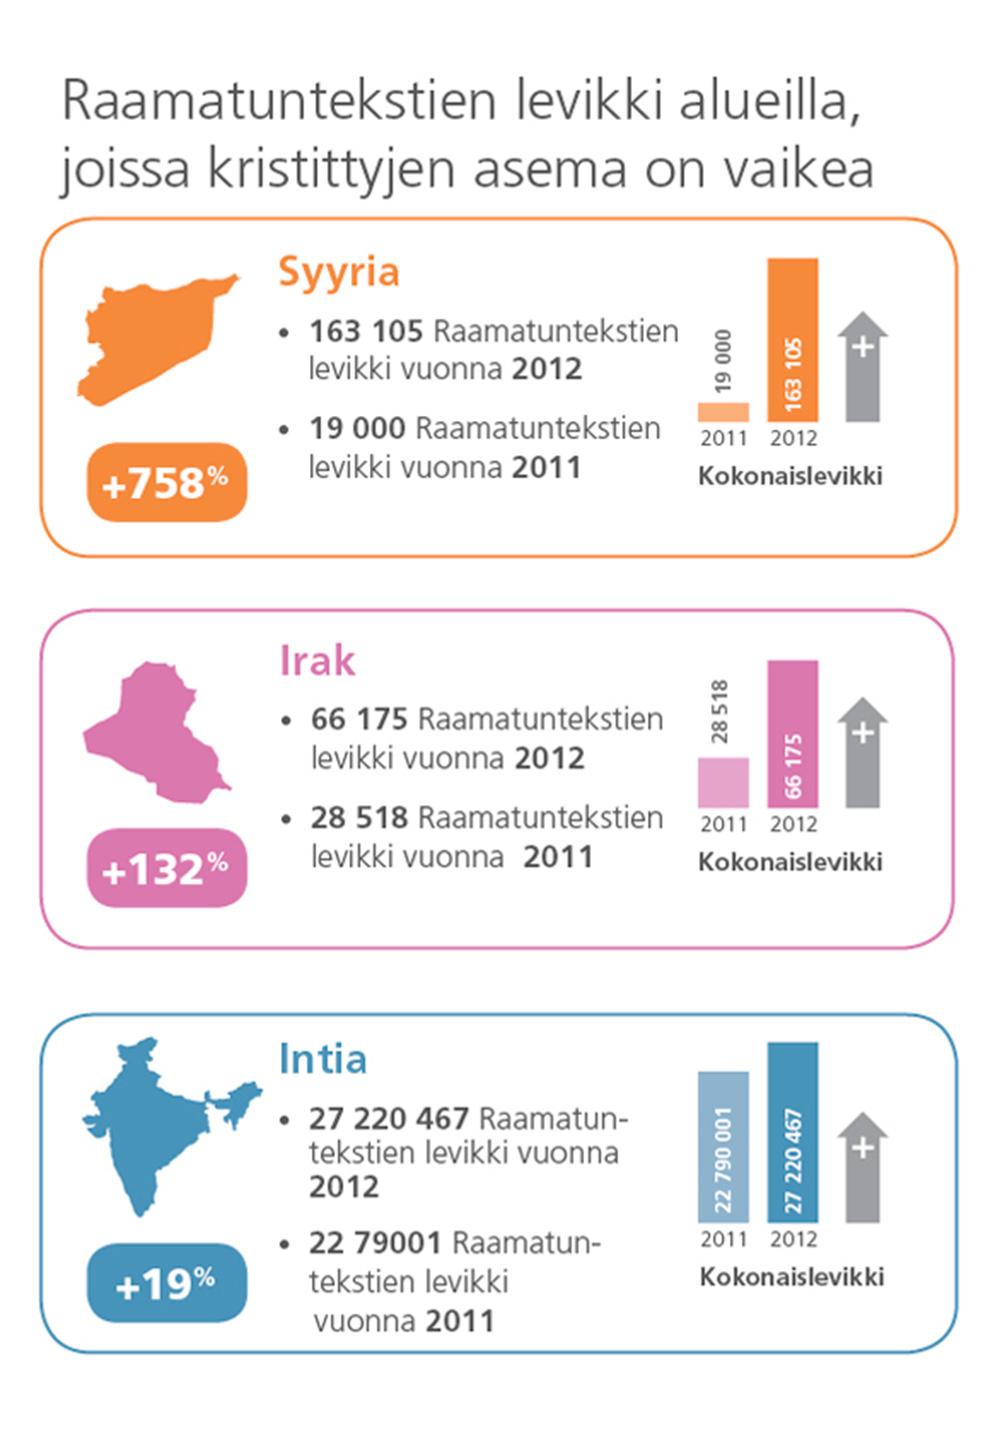 anu_Infographics-final_UK_anu3_syyria